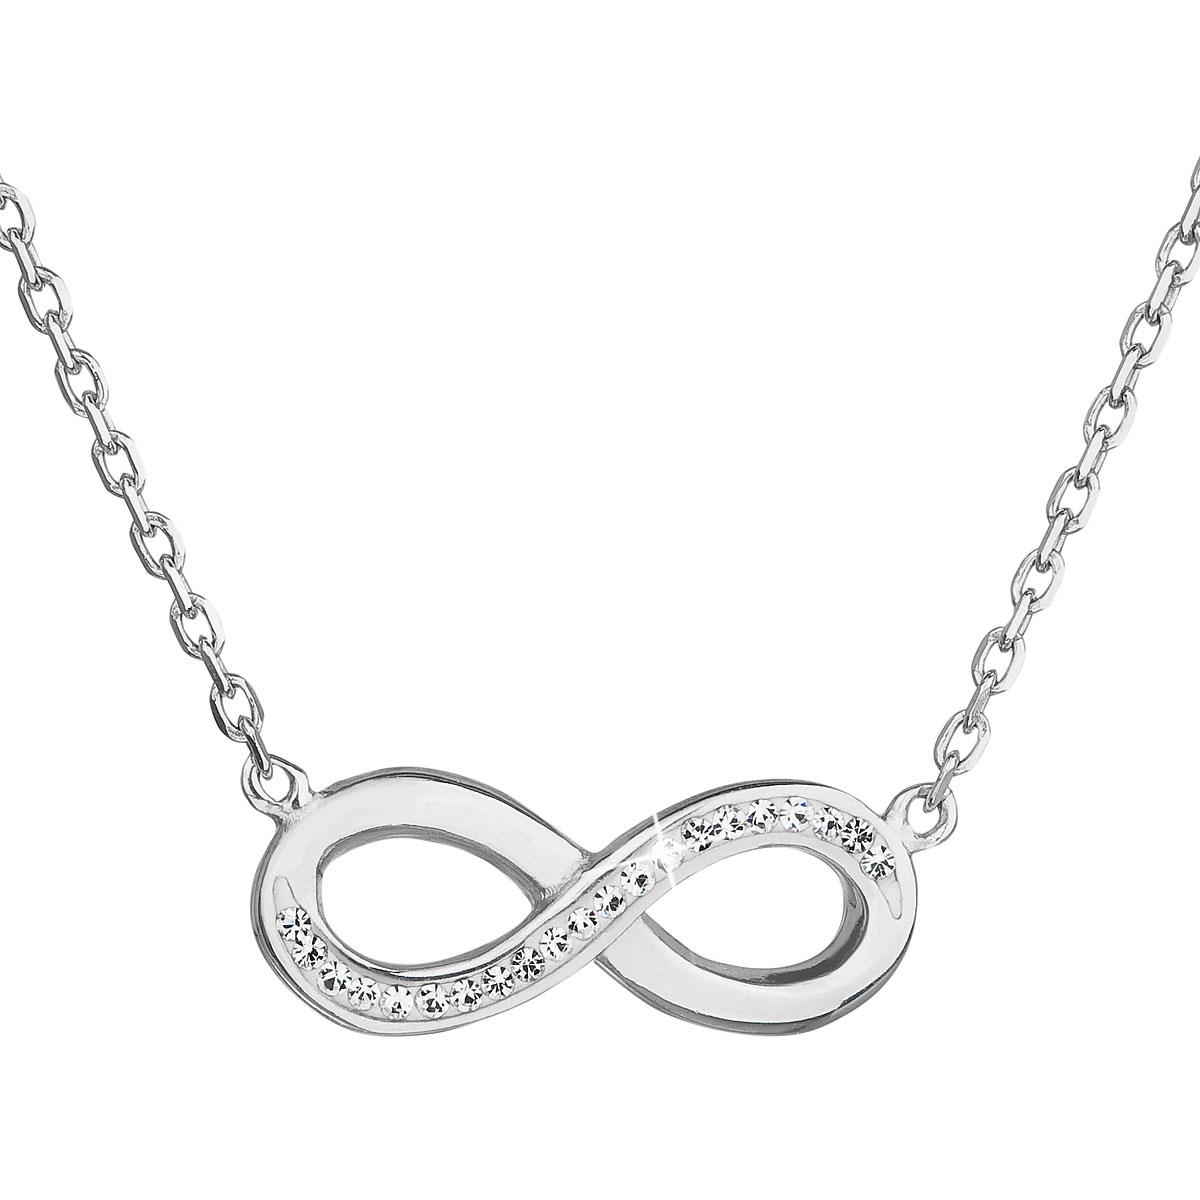 Strieborný náhrdelník nekonečno s kryštálmi Crystals from Swarovski ® Crystal